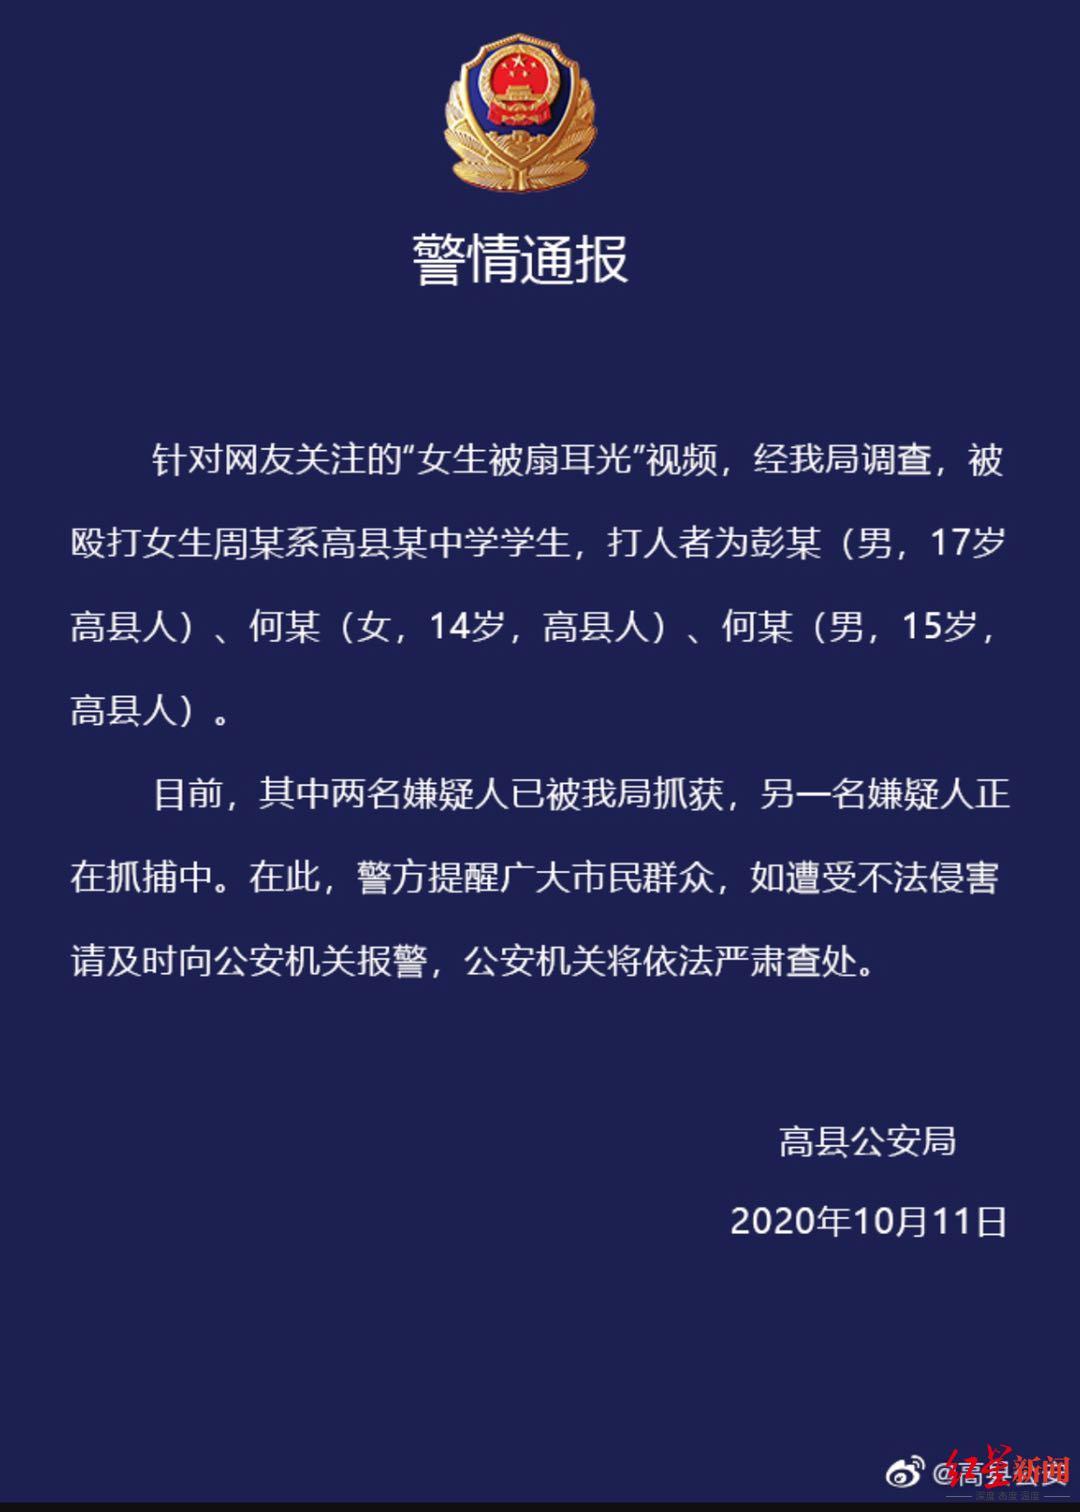 【迪士尼彩乐app】_网传四川高县女生遭人轮番殴打 警方:已抓获两名嫌疑人